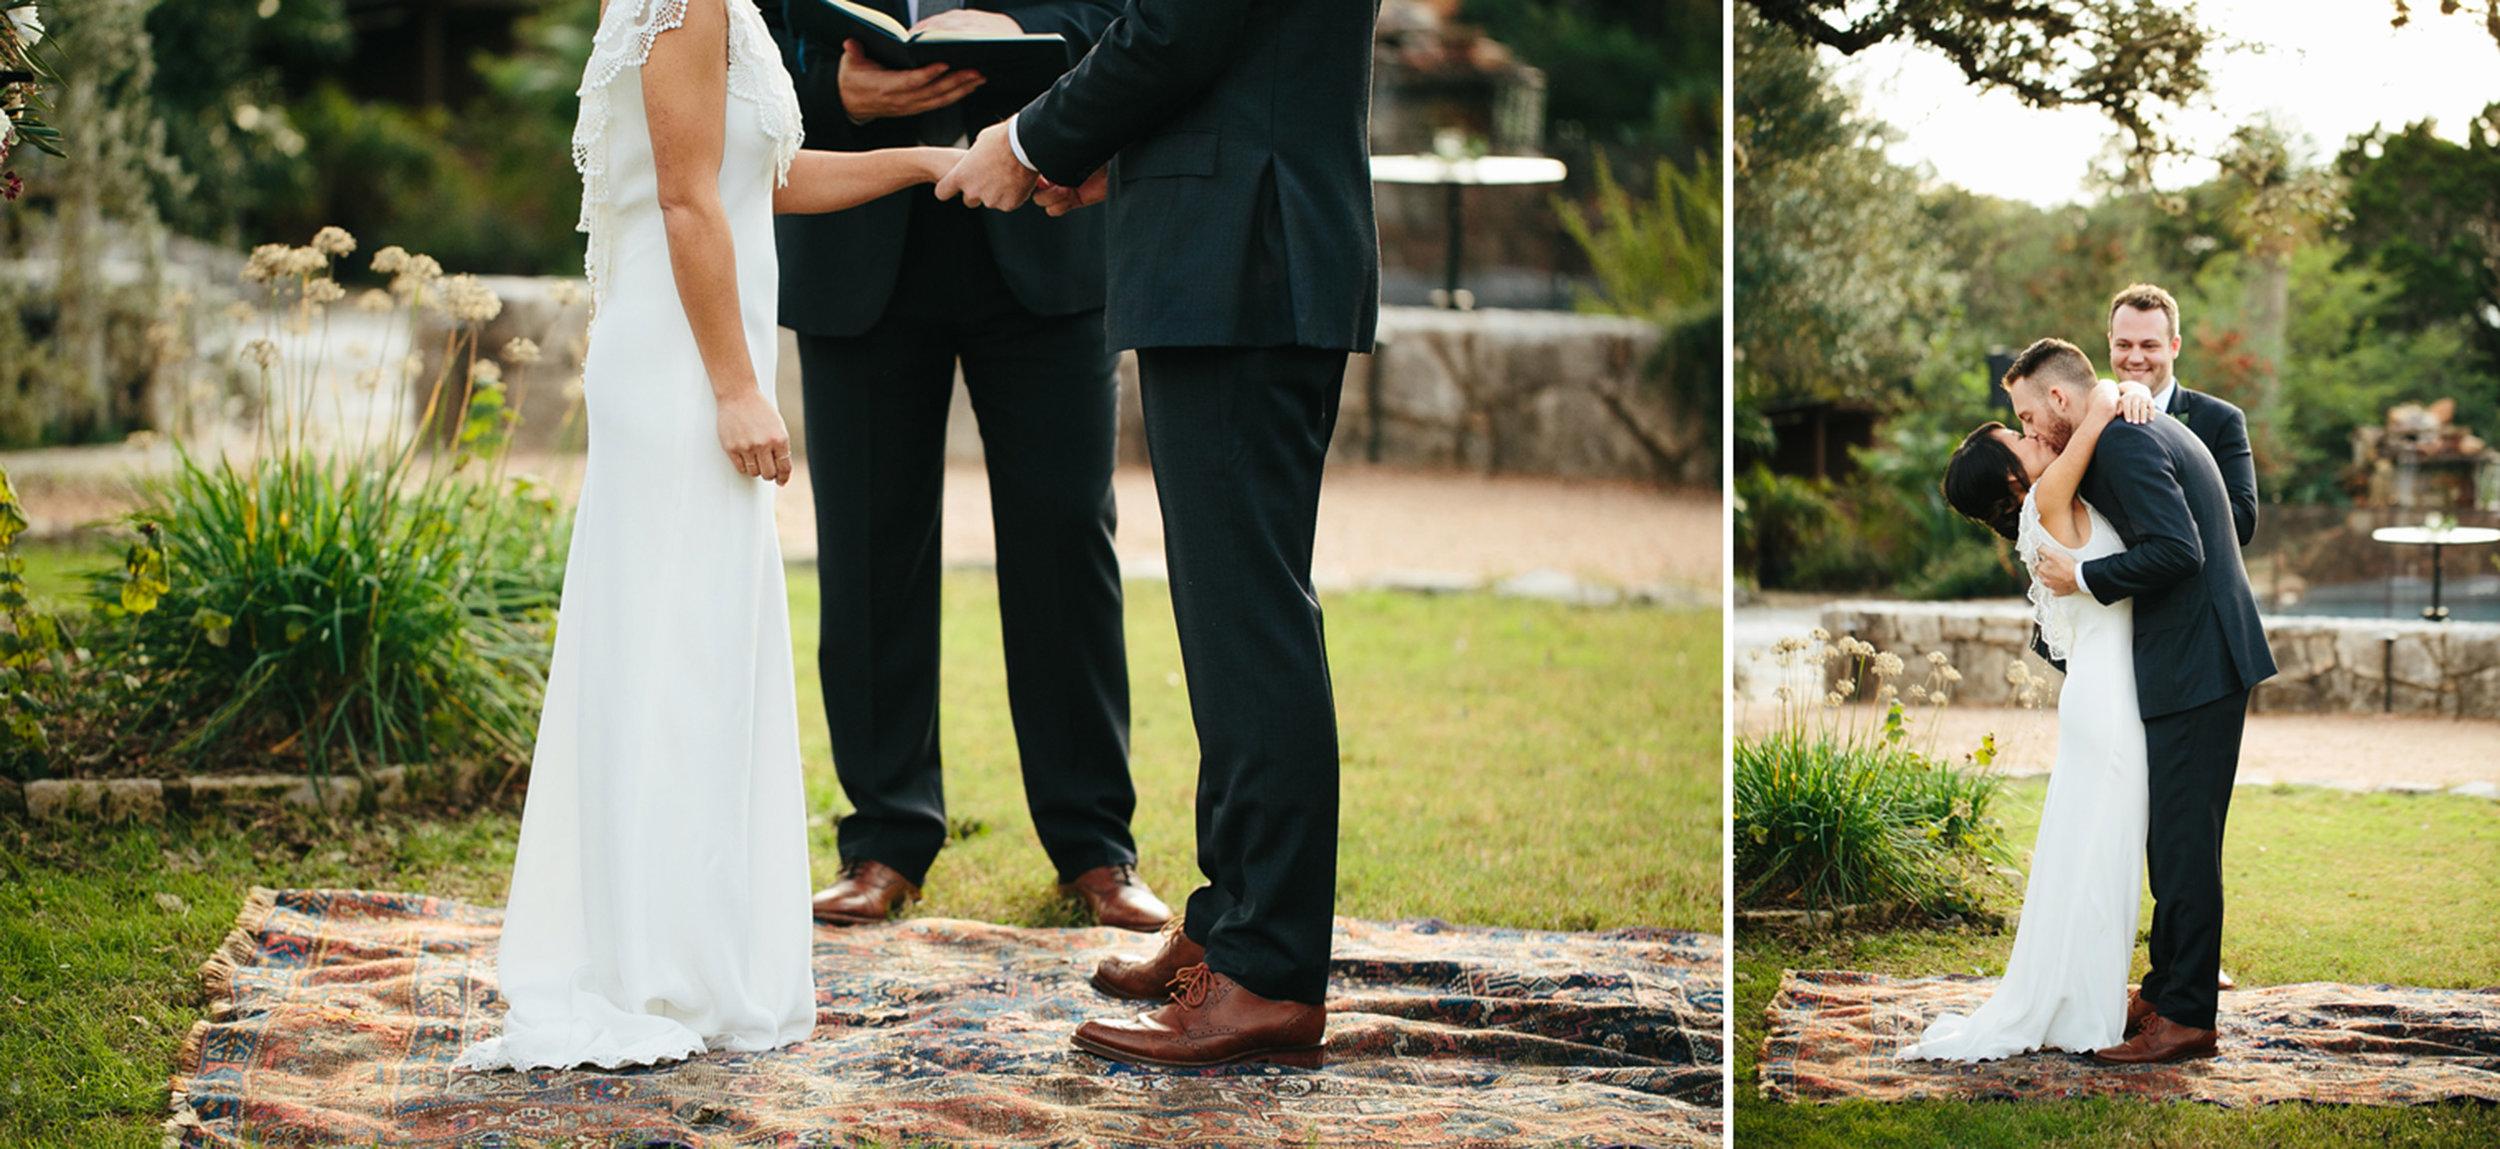 austin_WeddingPhotographer_026.jpg